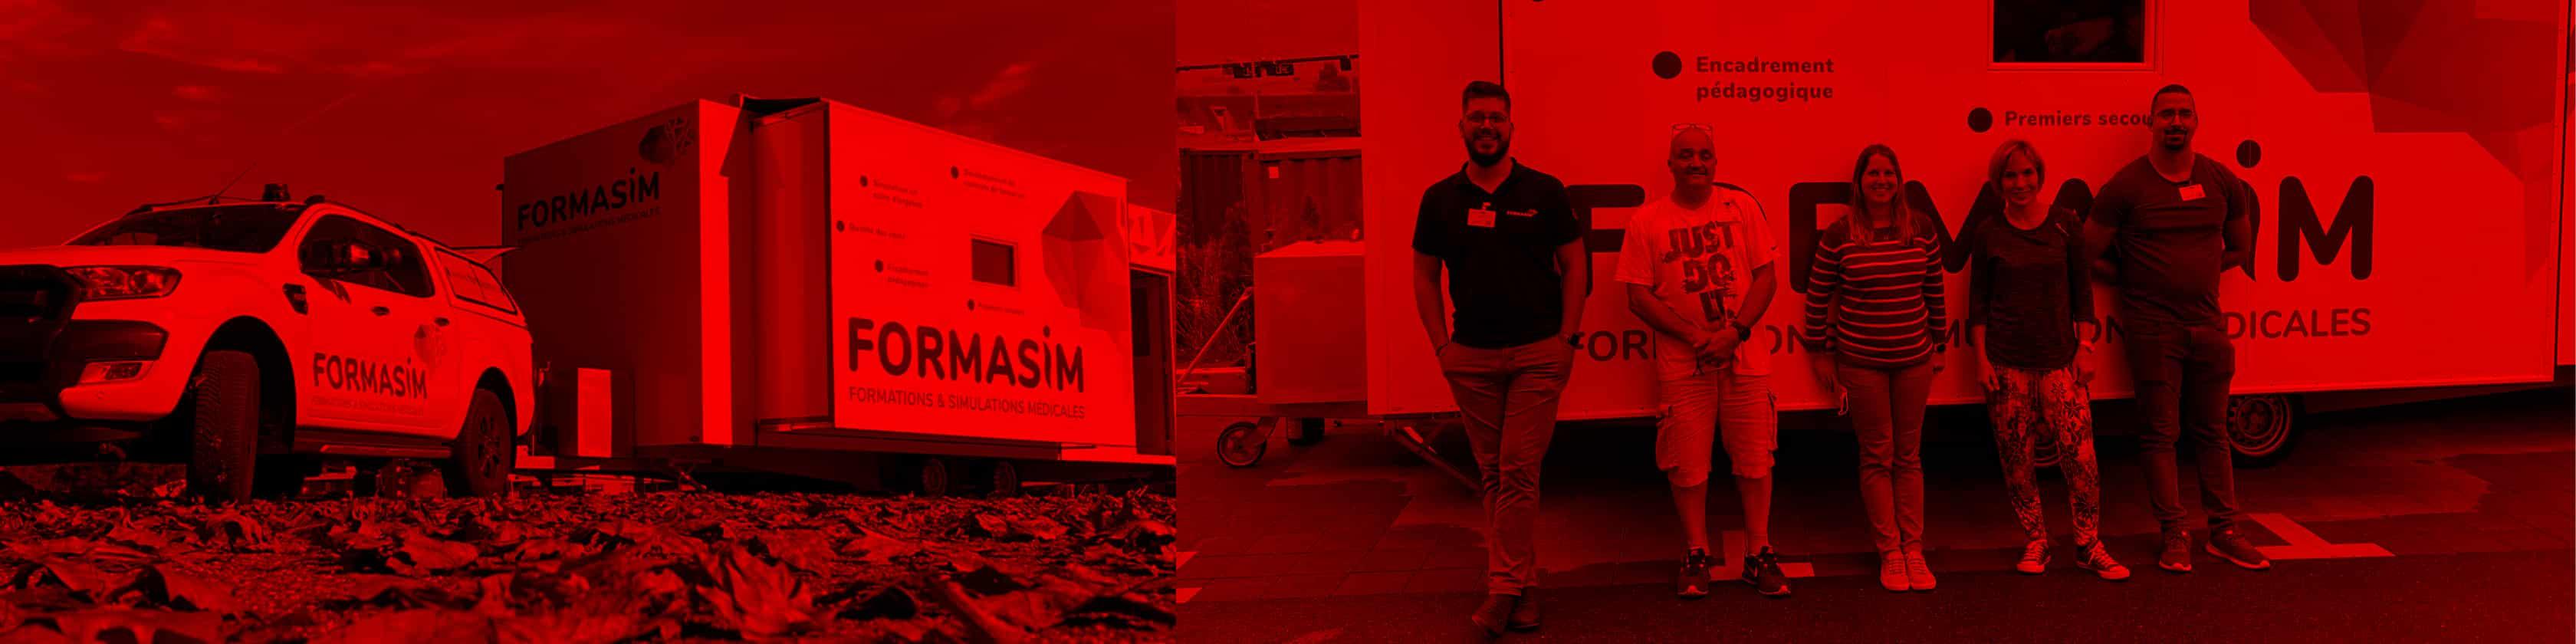 FormaSim als erste französisch sprechende International Training Site (ITS) in der Schweiz initialisiert.